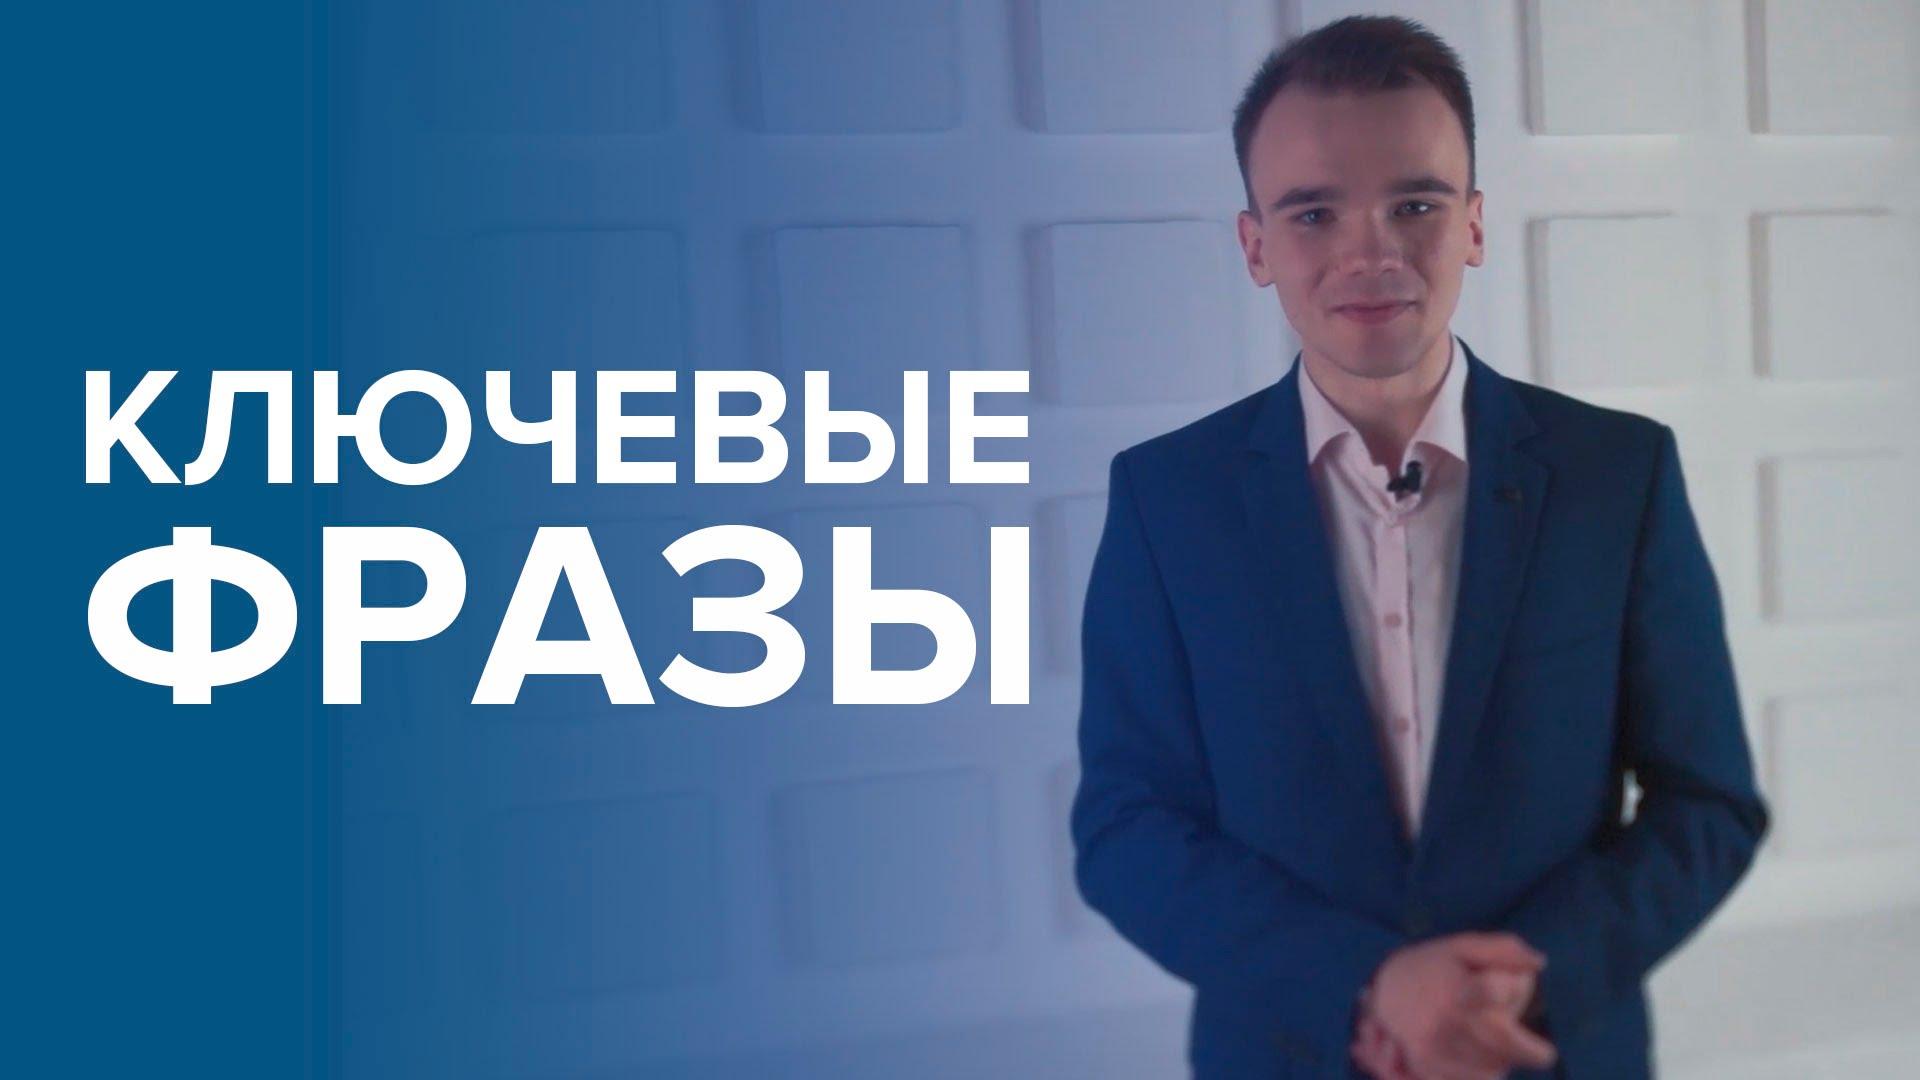 [ Видео: Ключевые Фразы]